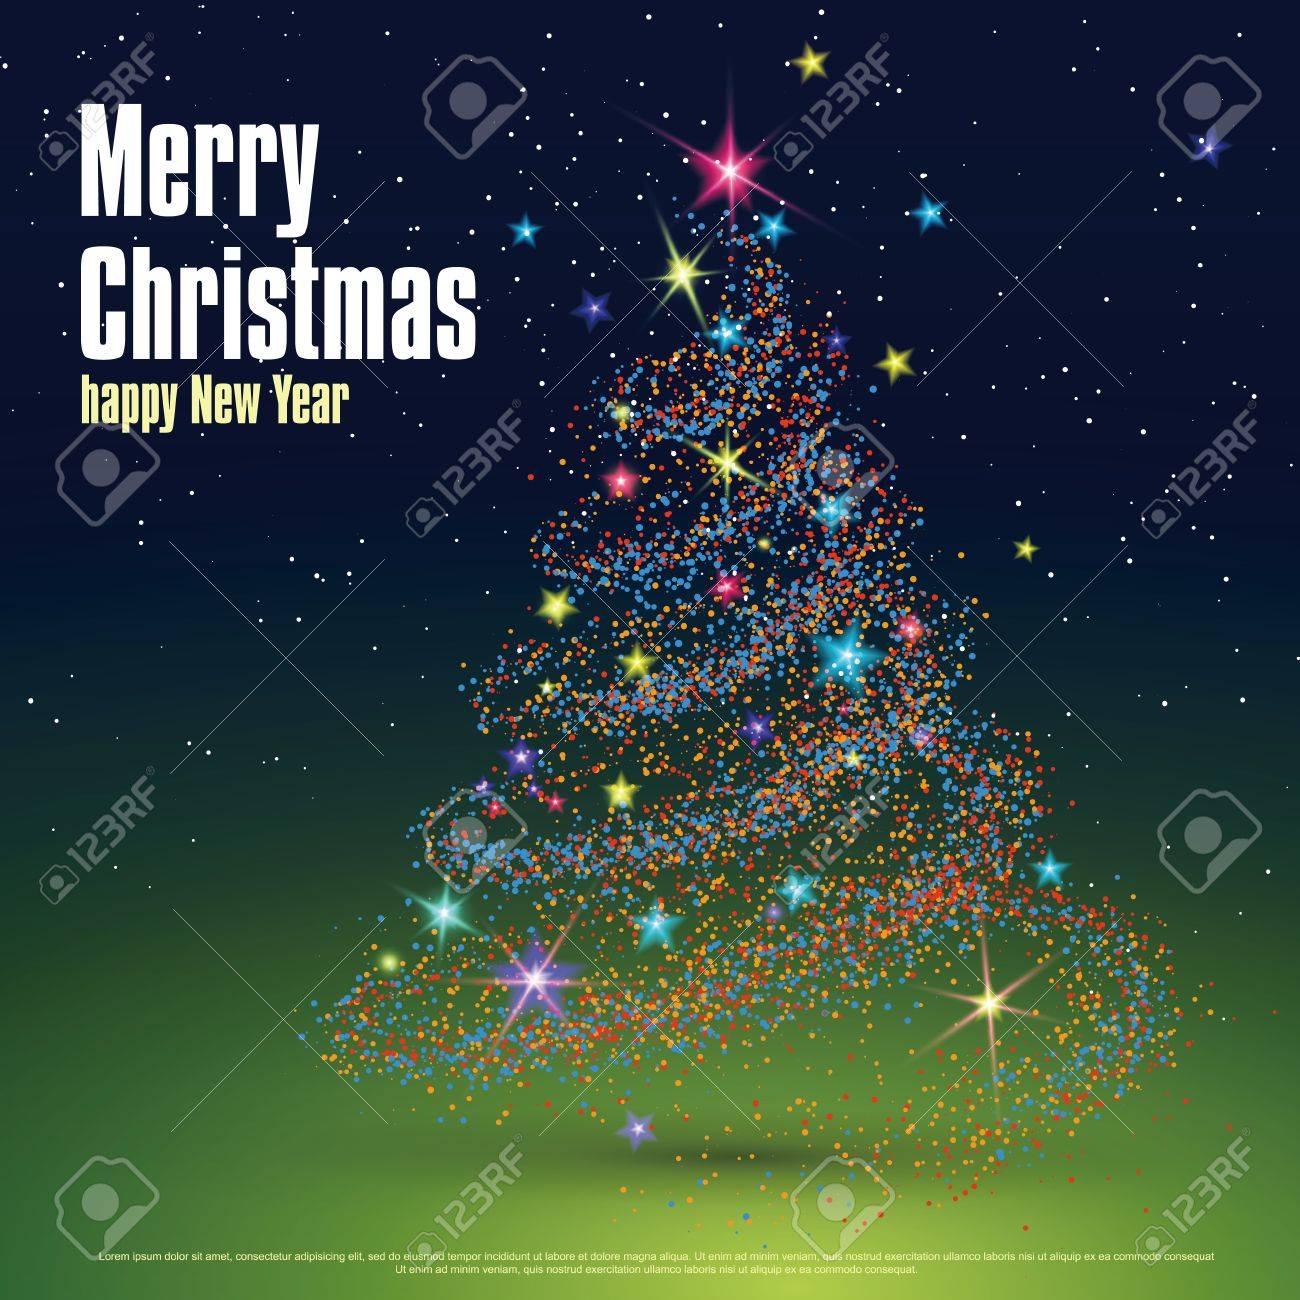 Immagini Copertina Natale.L Albero Di Natale Composto Da Particelle Puo Essere Utilizzato Come Copertina Di Un Biglietto Di Auguri Natalizio